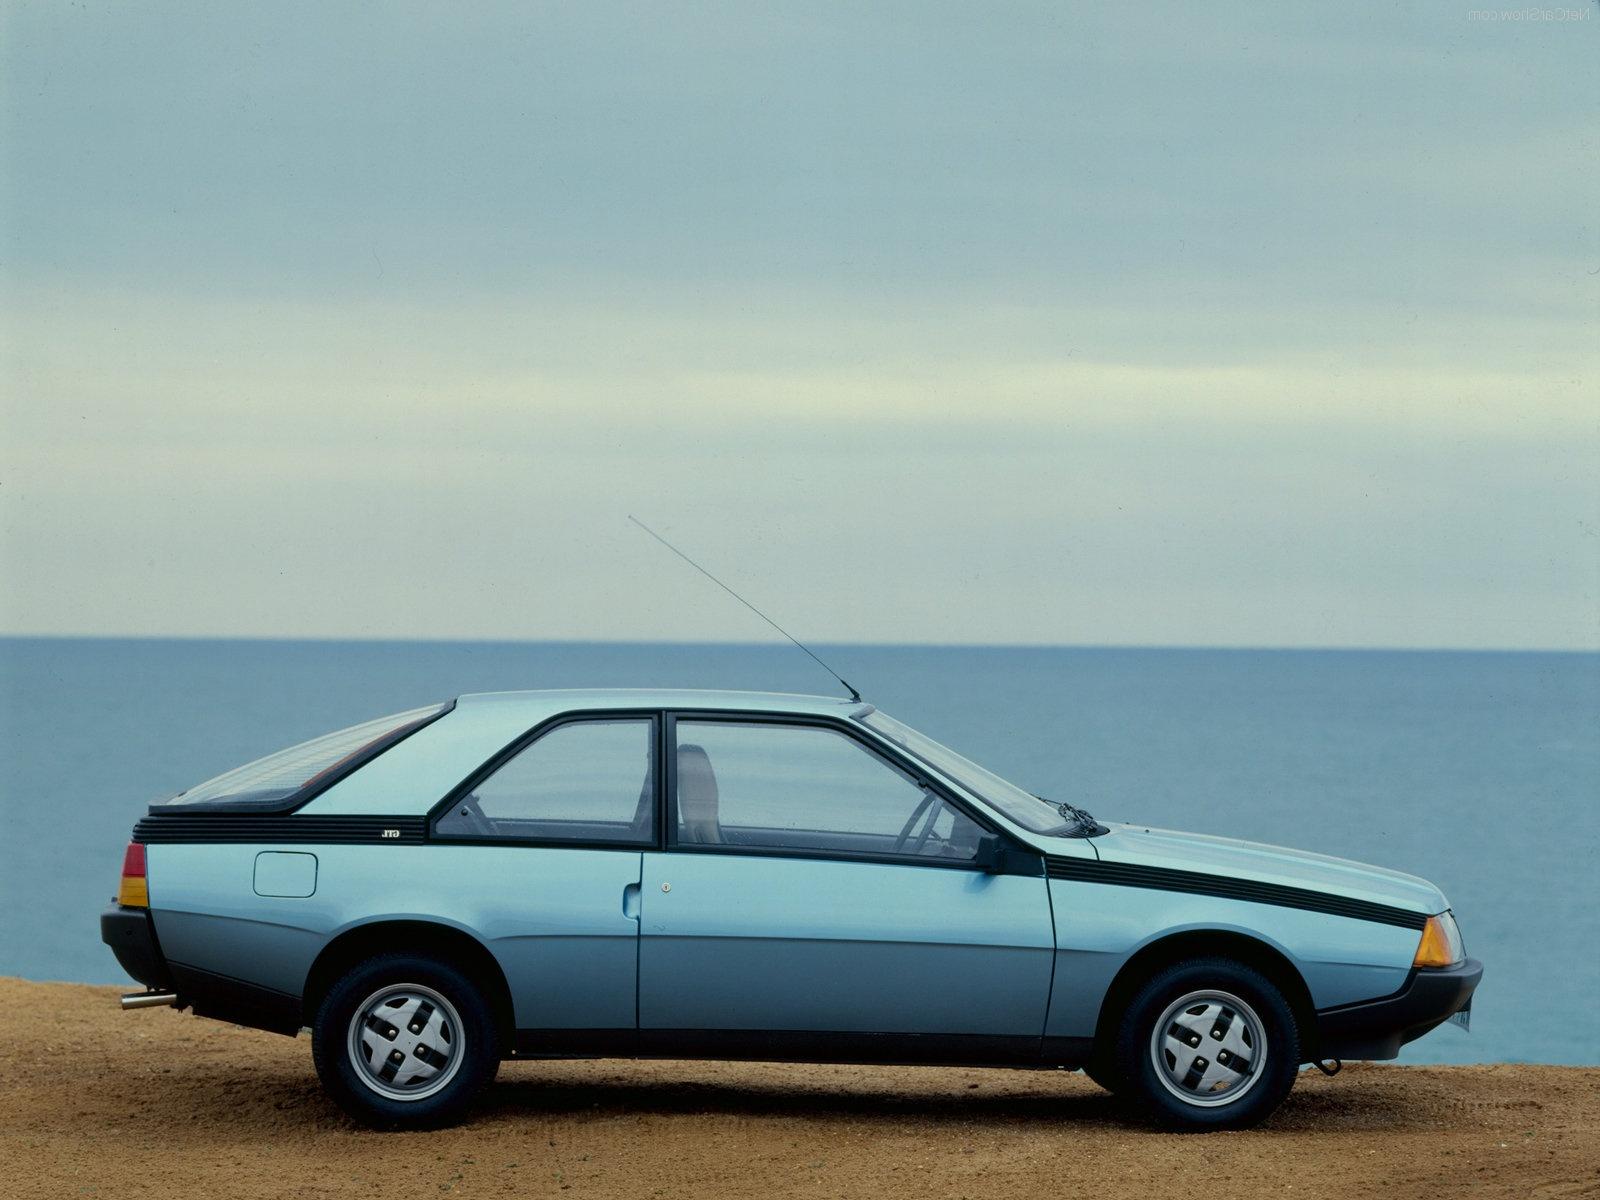 Alfa Romeo All Models List >> 1980 Renault Fuego - Partsopen